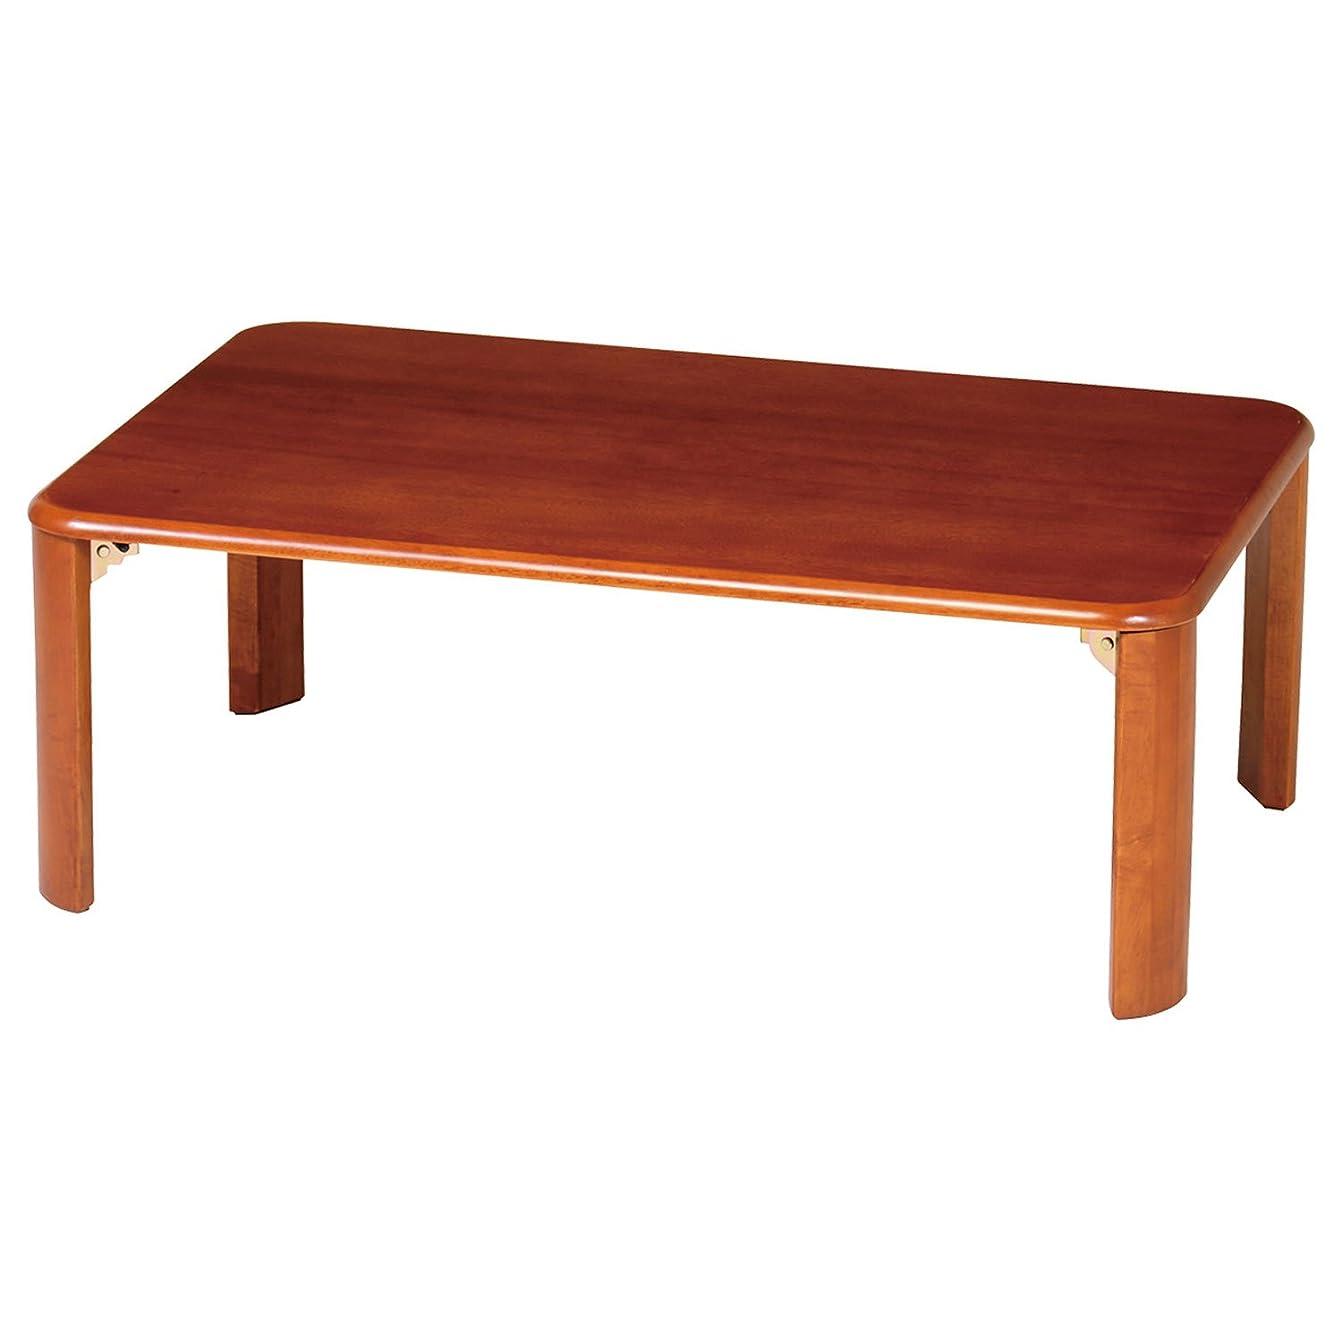 ニッケルゼリーコークス弘益 シンプル座卓テーブル 折たたみ 90x60cm ブラウン Z-T9060BR